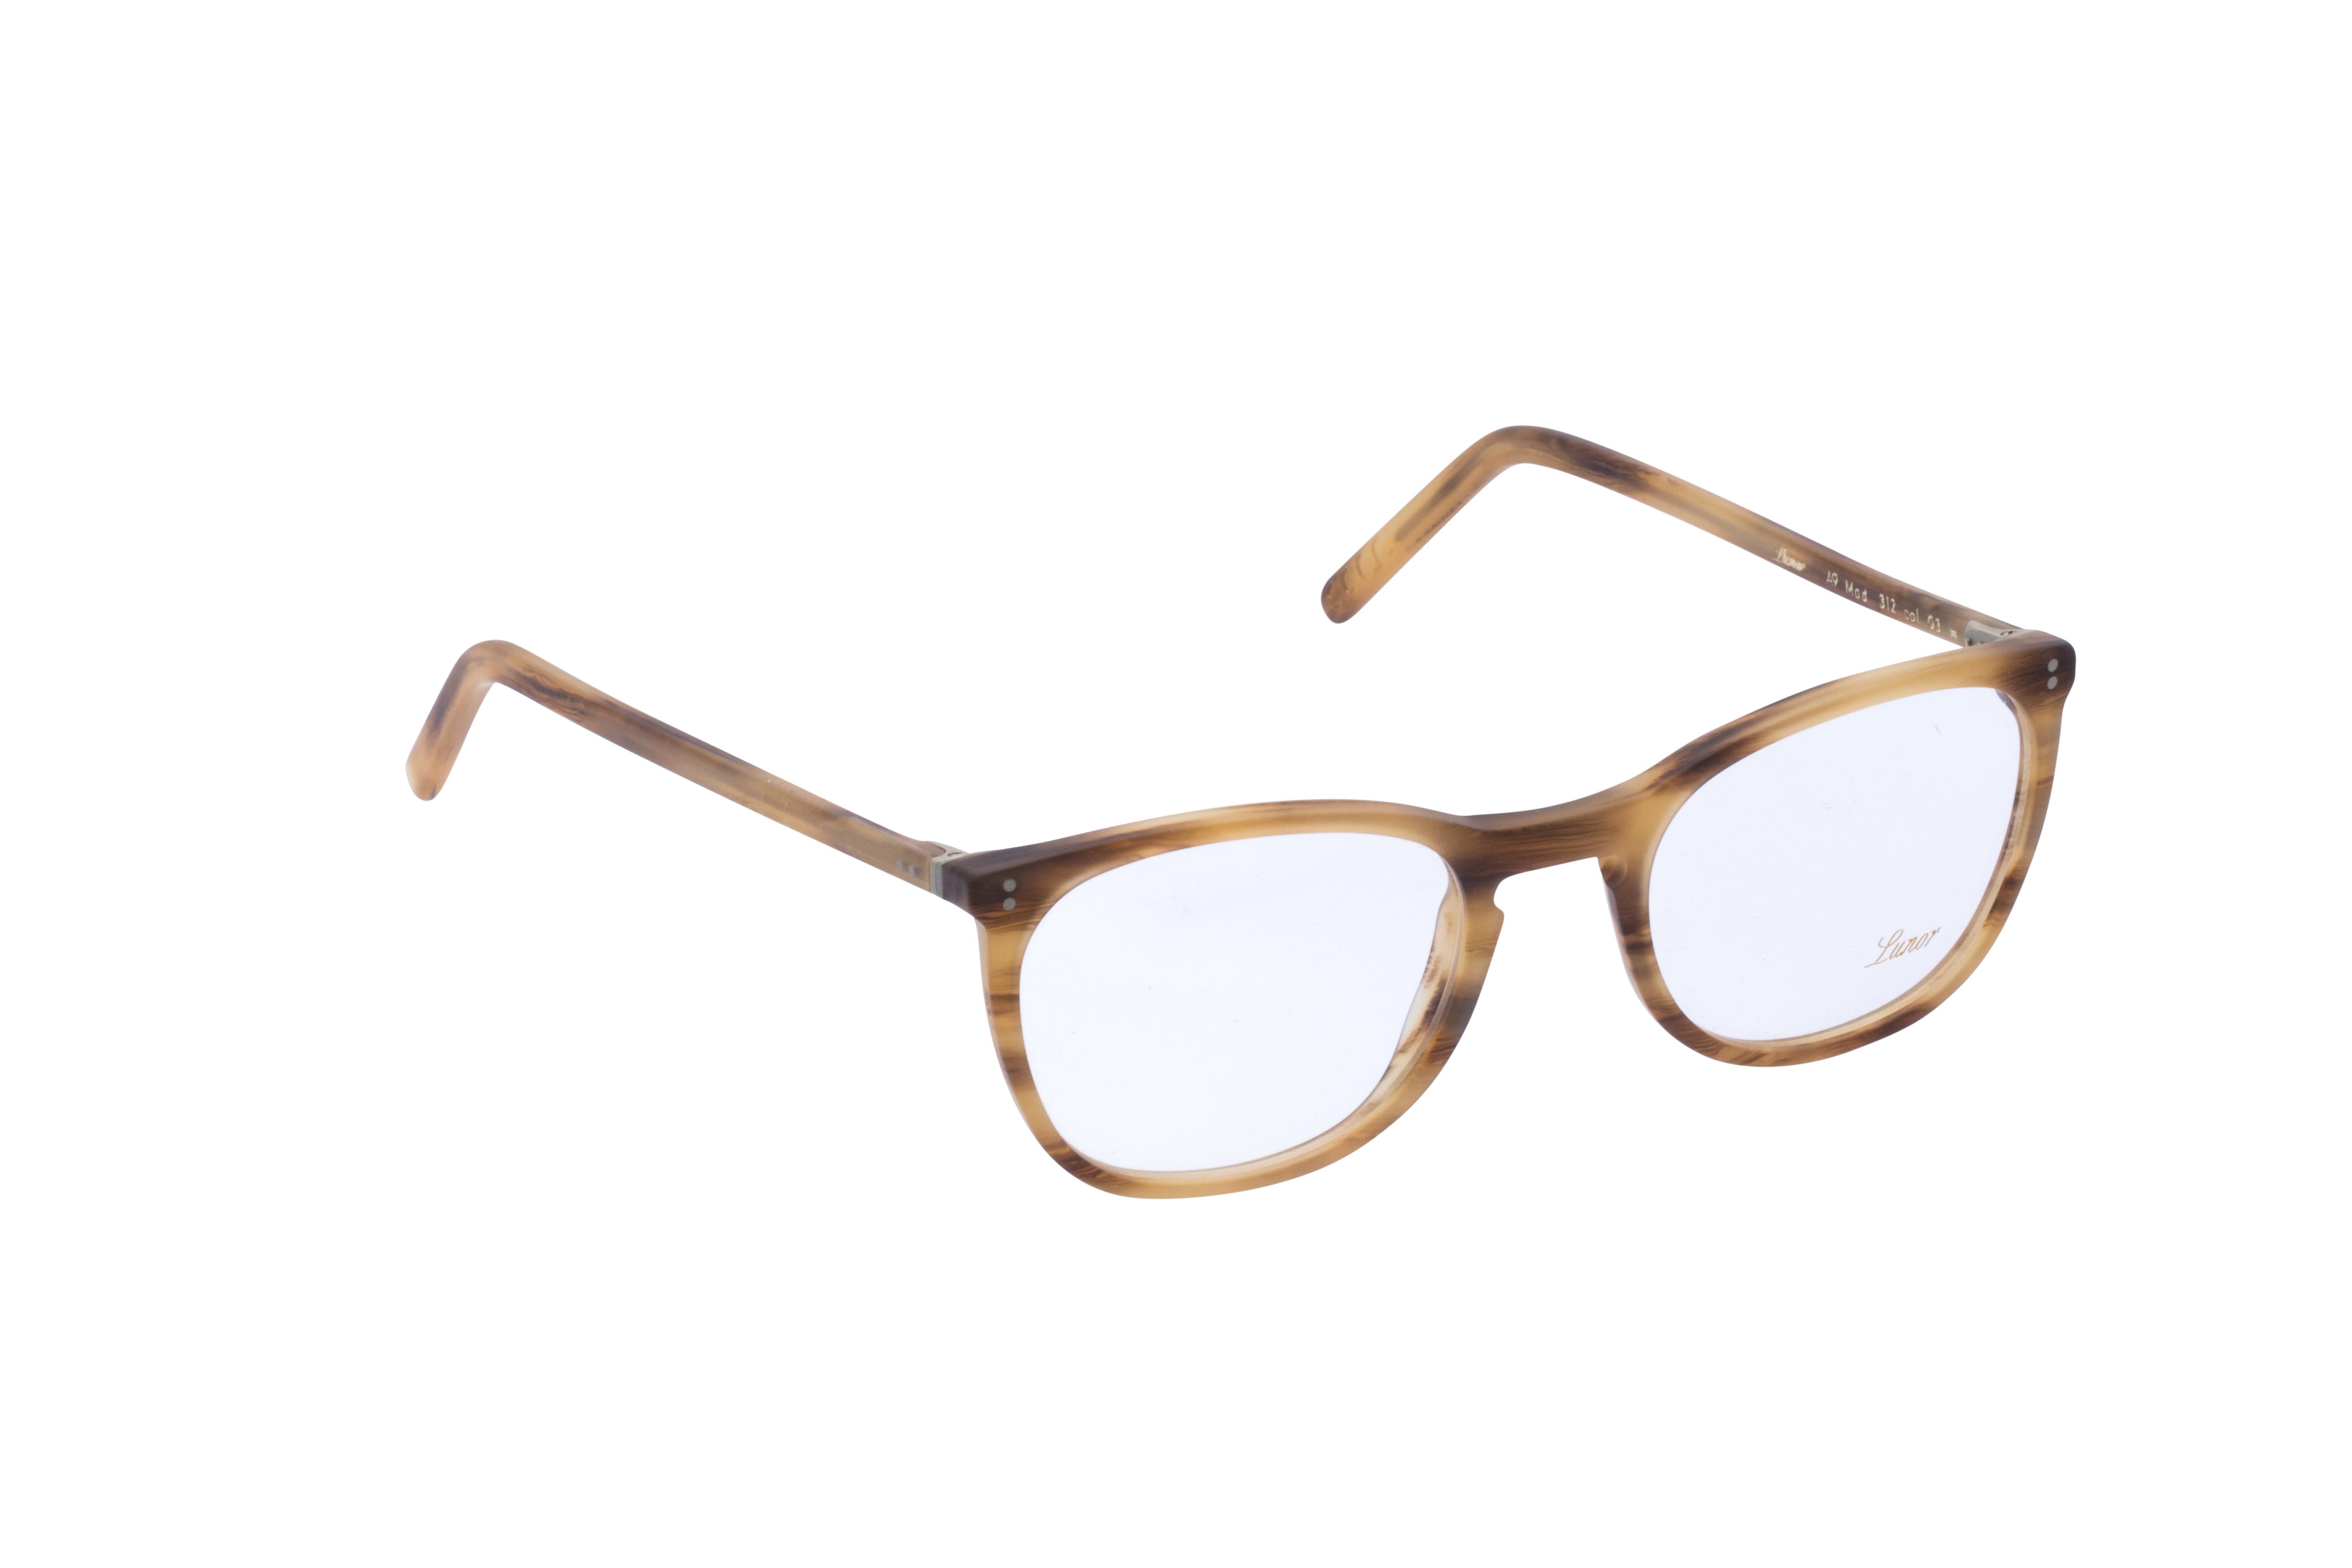 360 Grad Ansicht 2 Lunor 312, Brille auf Weiß - Fassung bei KUNK